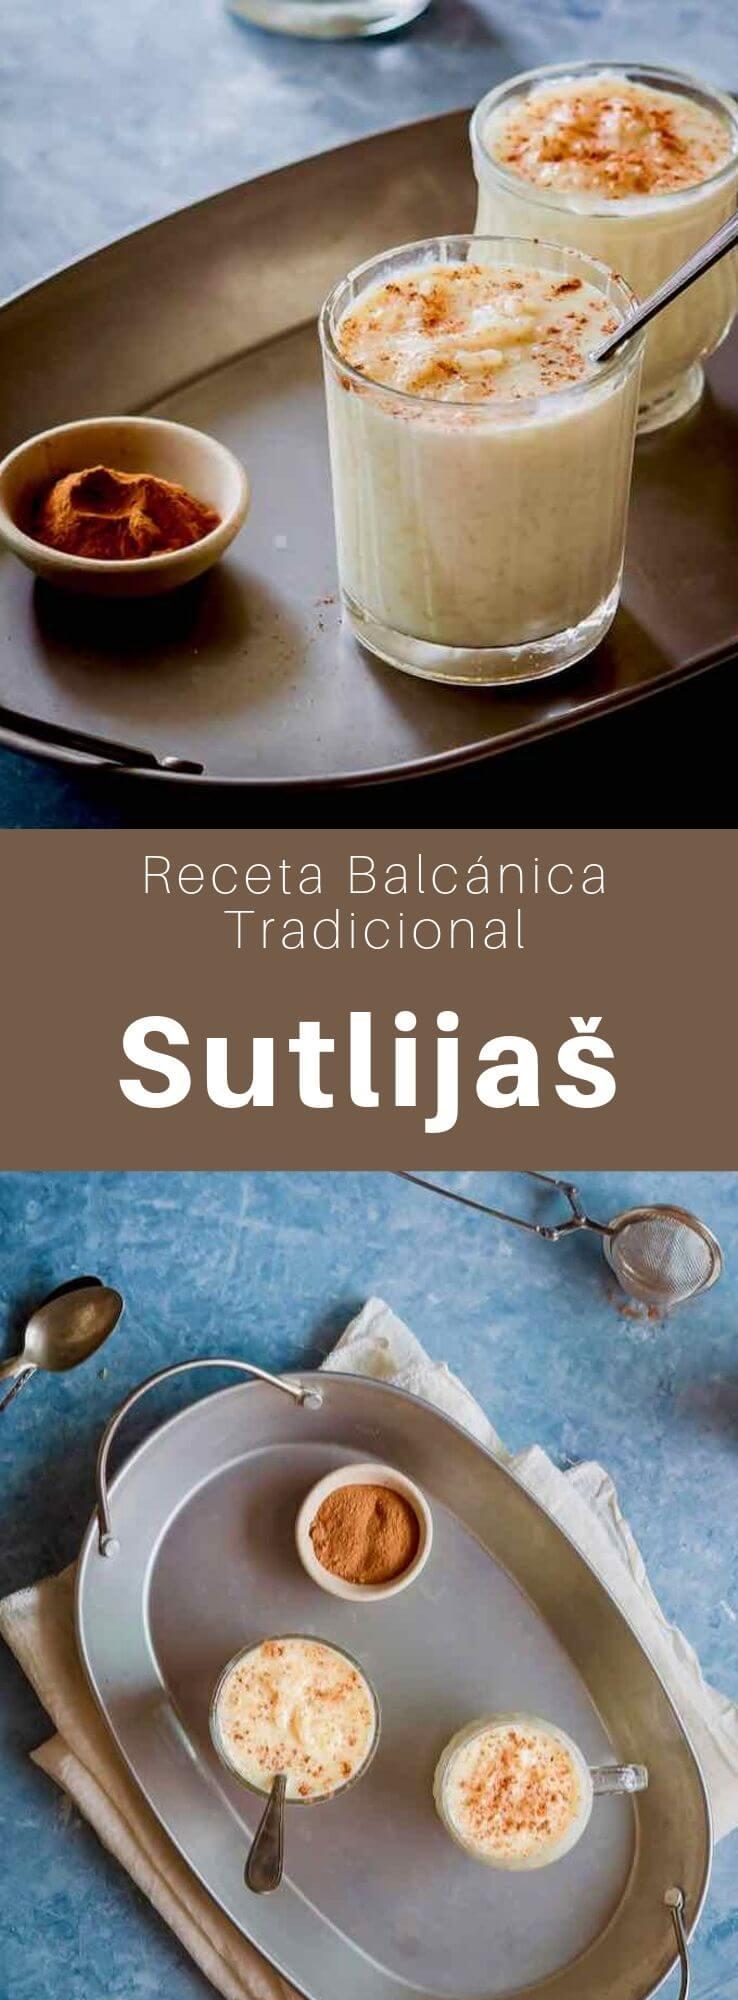 El sutlijaš o sutlija es un budín de arroz dulce con sabor a canela típico de los Balcanes y Turquía.